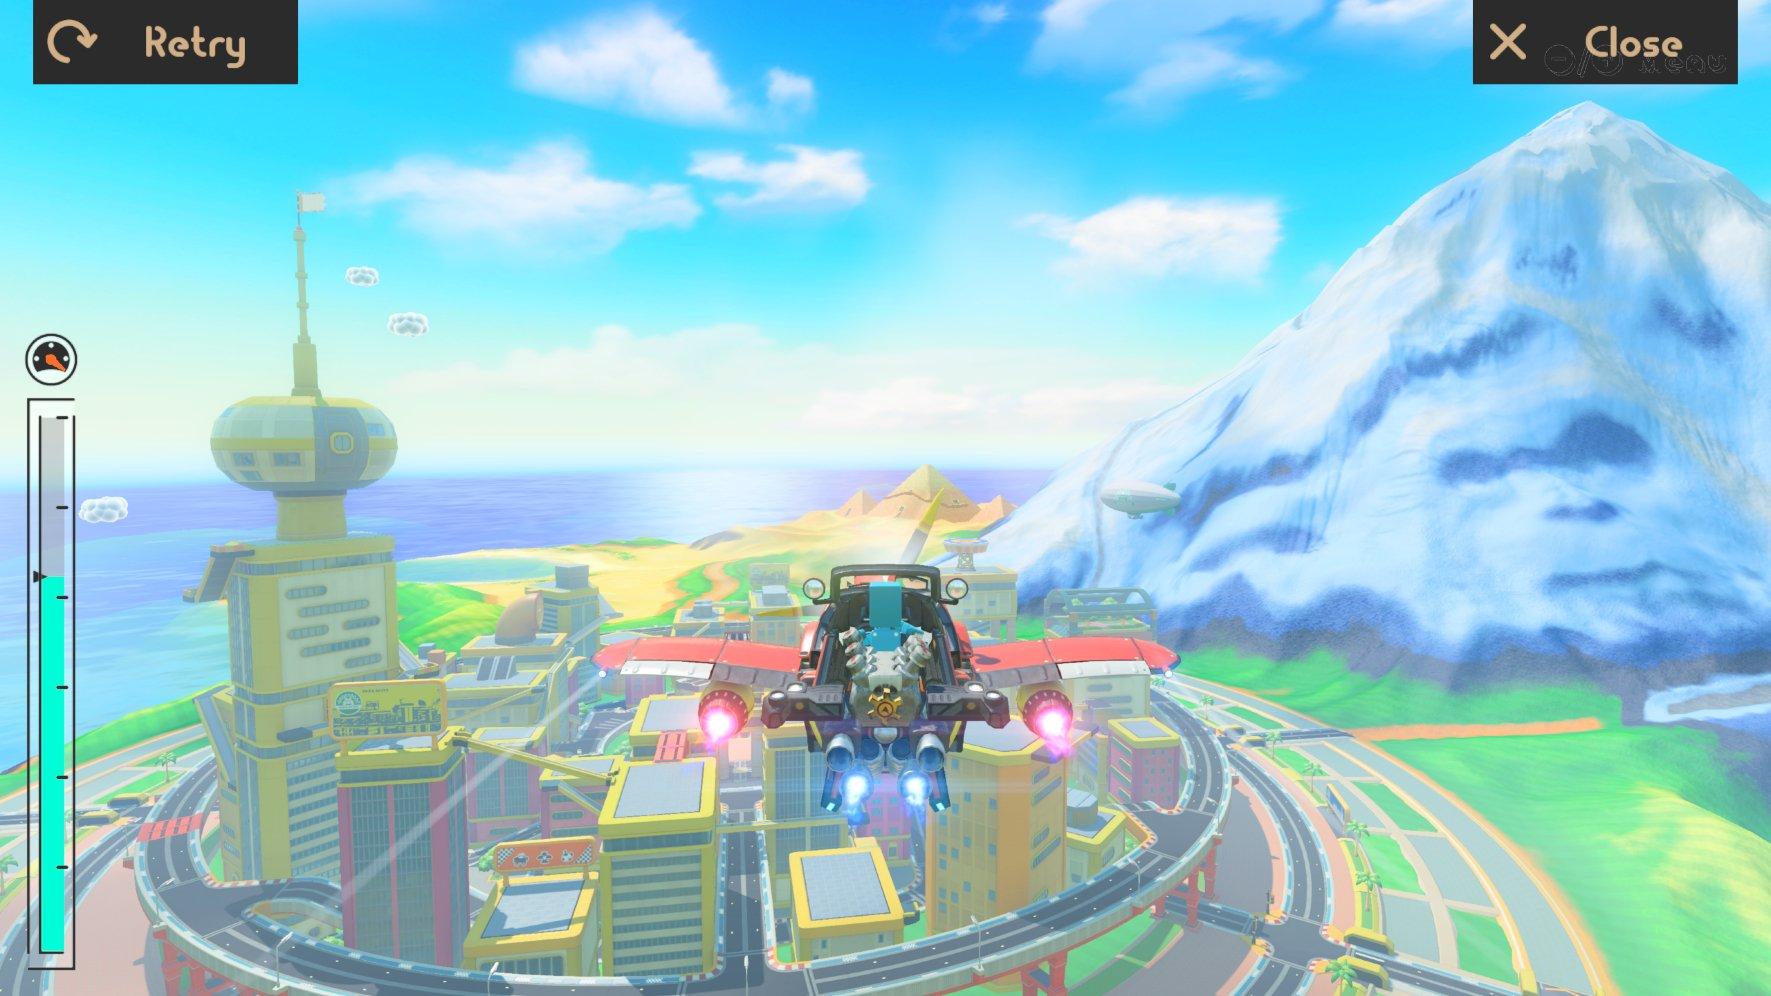 Switch Nintendo Labo: Toy-Con Kit de vehículos: Nintendo: Amazon.es: Videojuegos